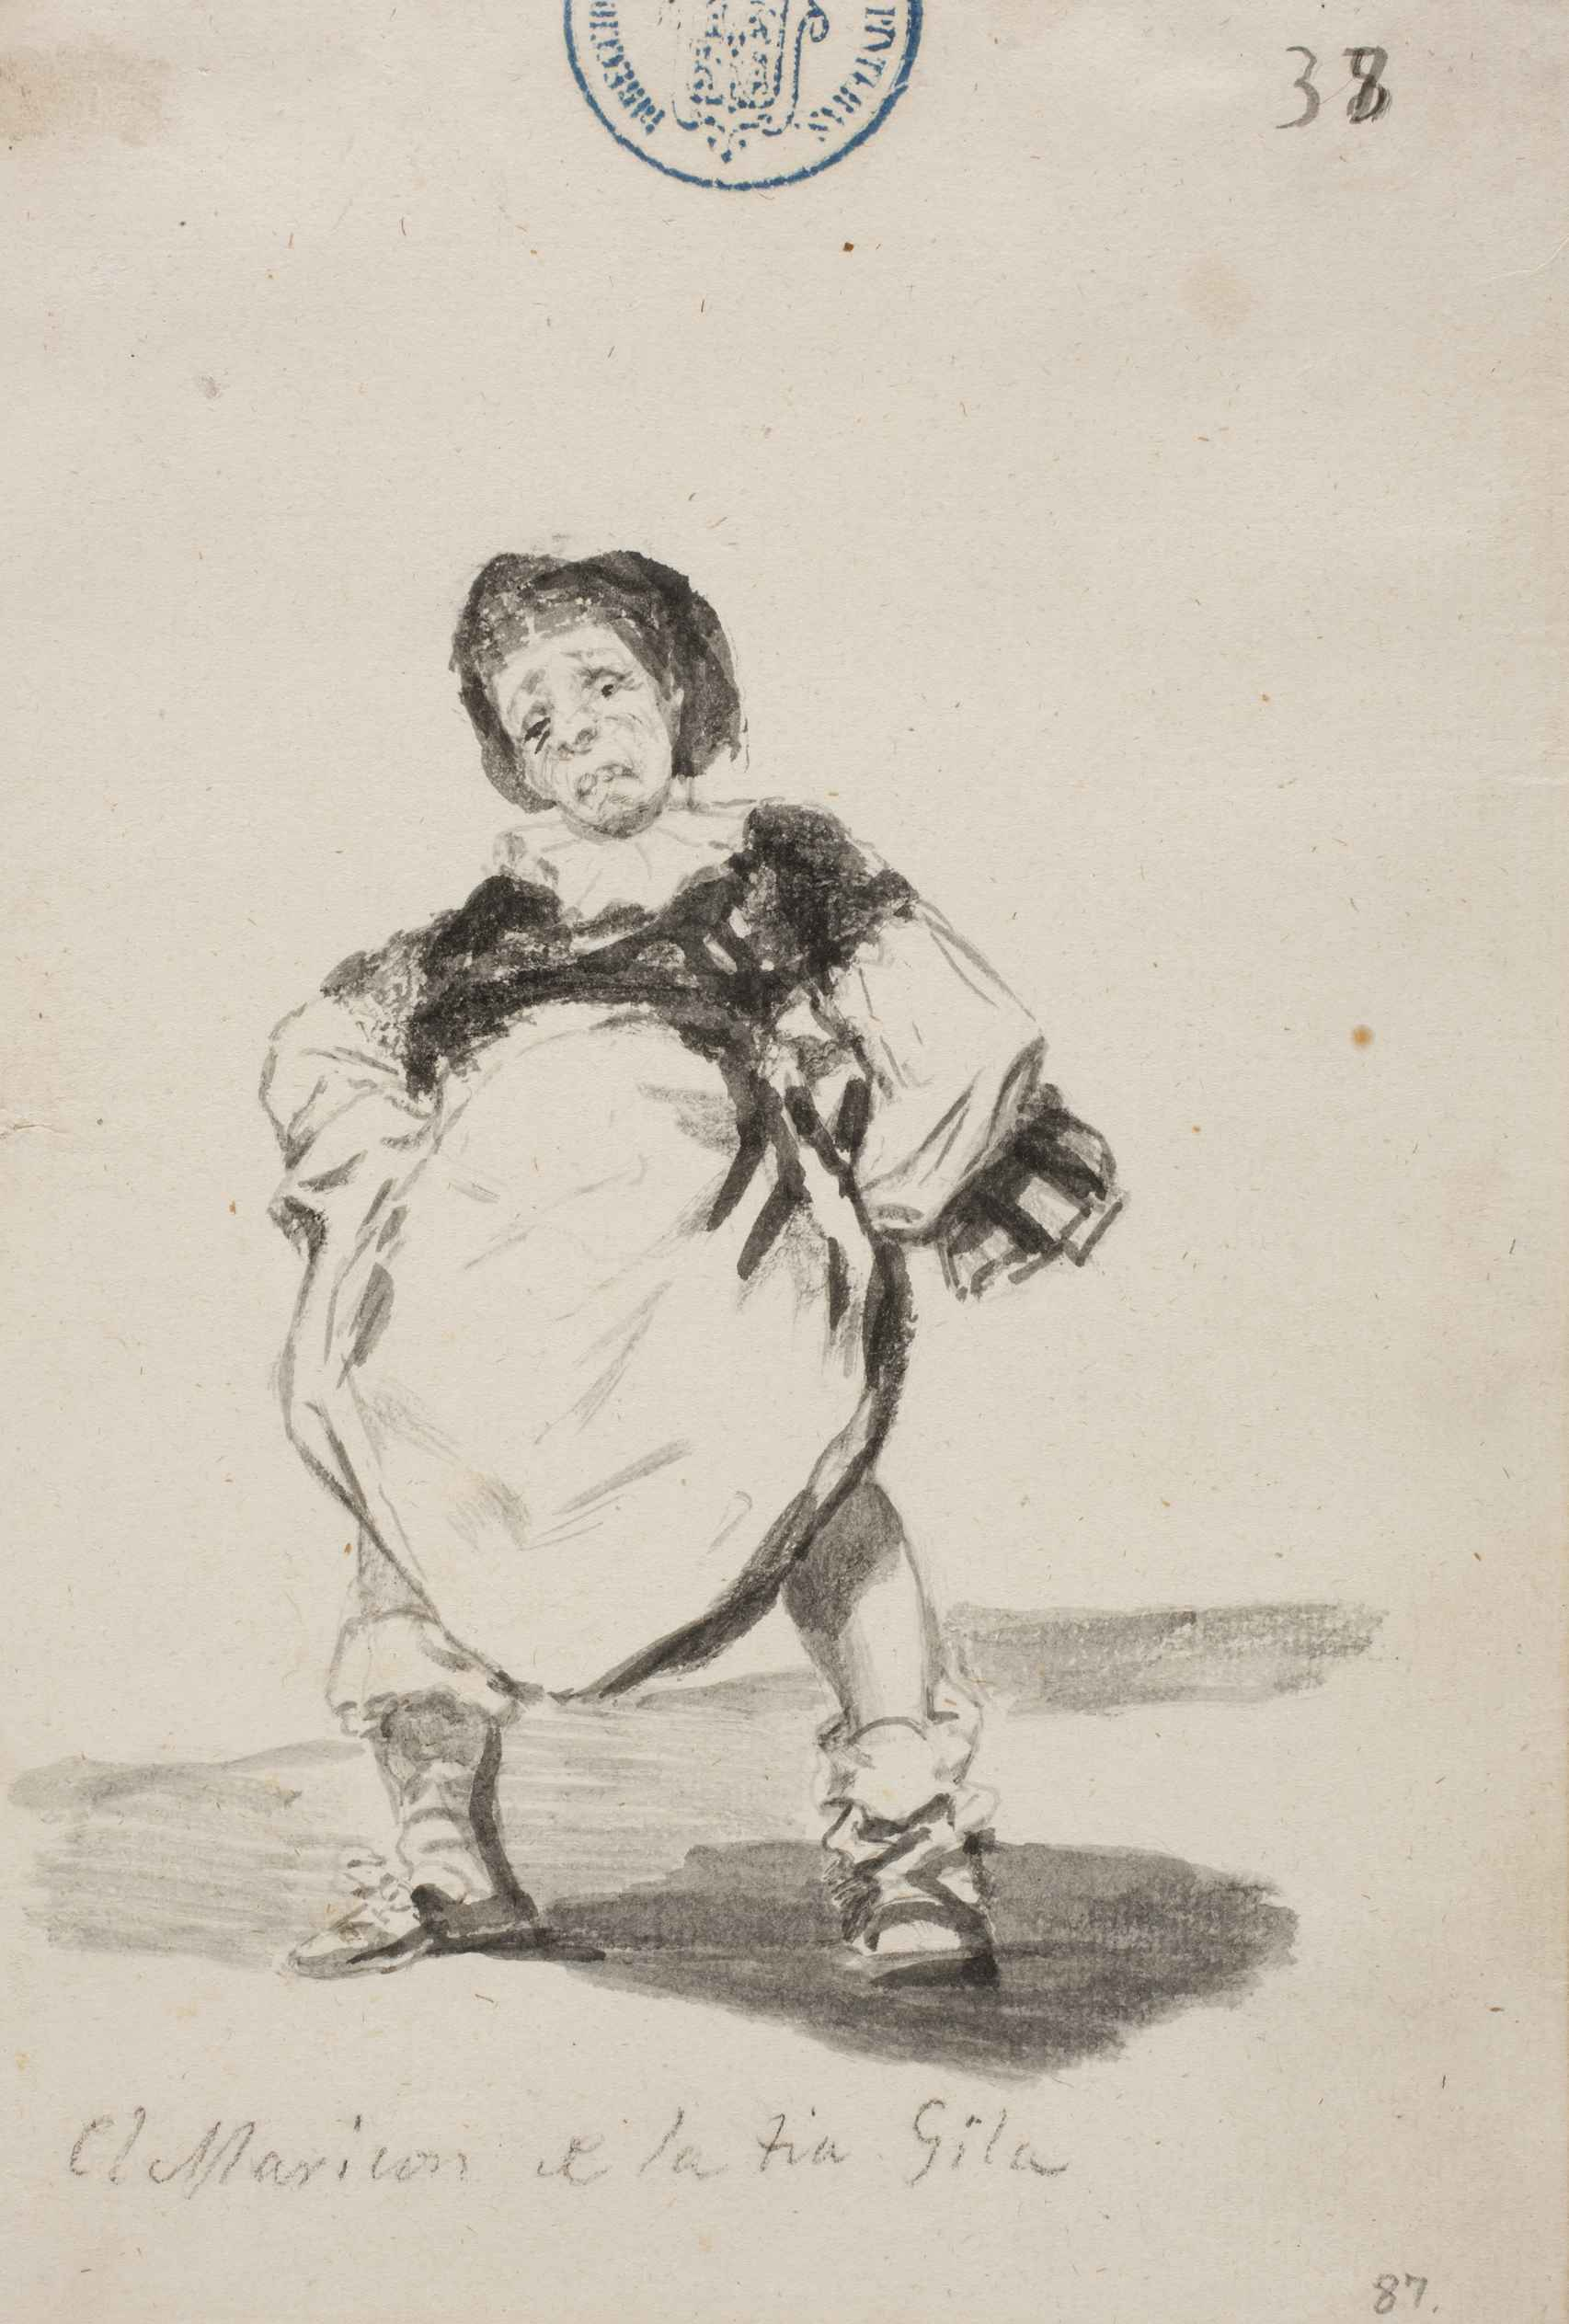 El Maricón de la tía Gila. Álbum C, 38, de Francisco de Goya.